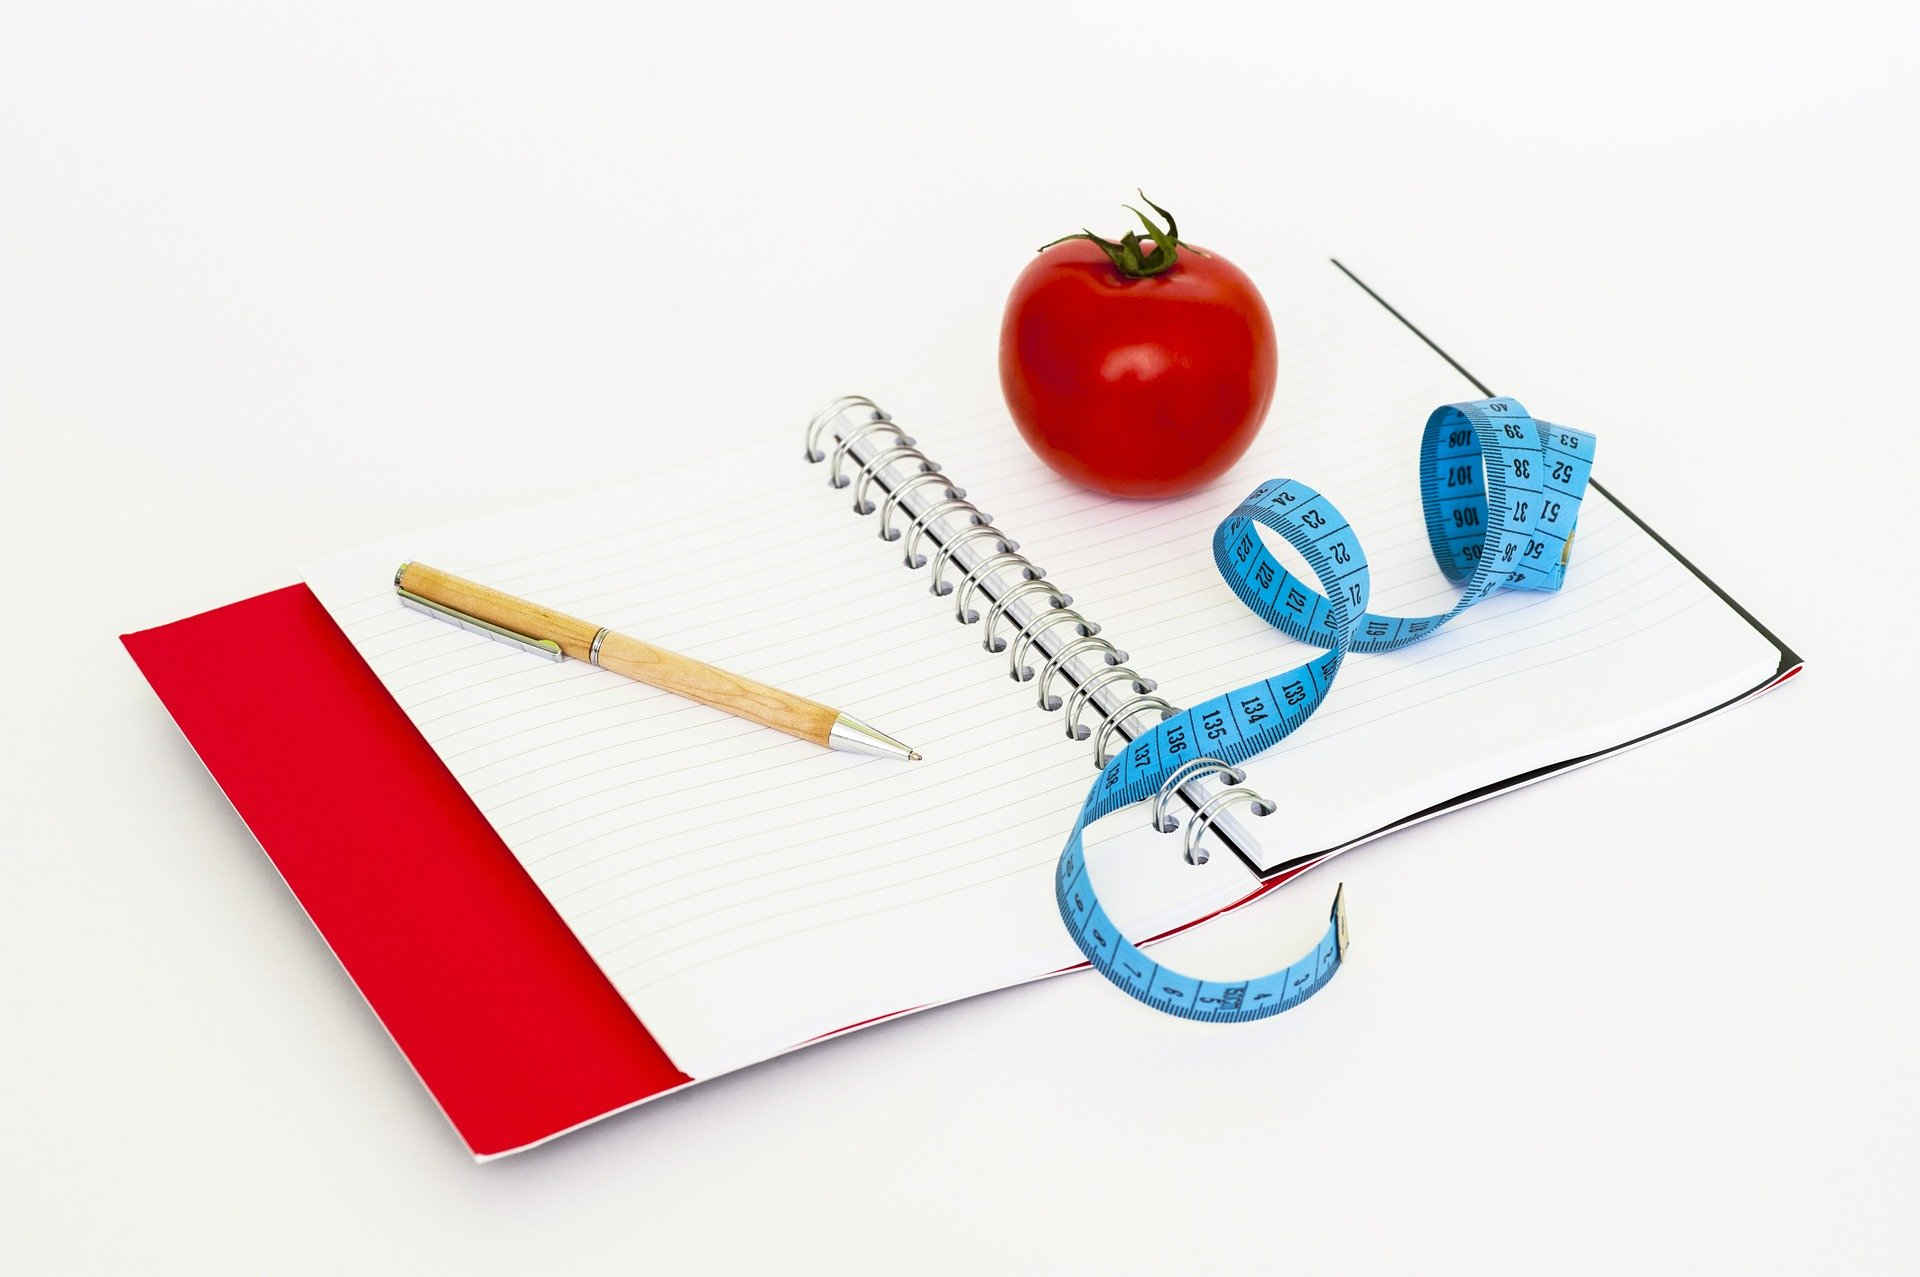 ダイエットで痩せるために必要な期間はどれくらい?1ヵ月で落とせる体重は?